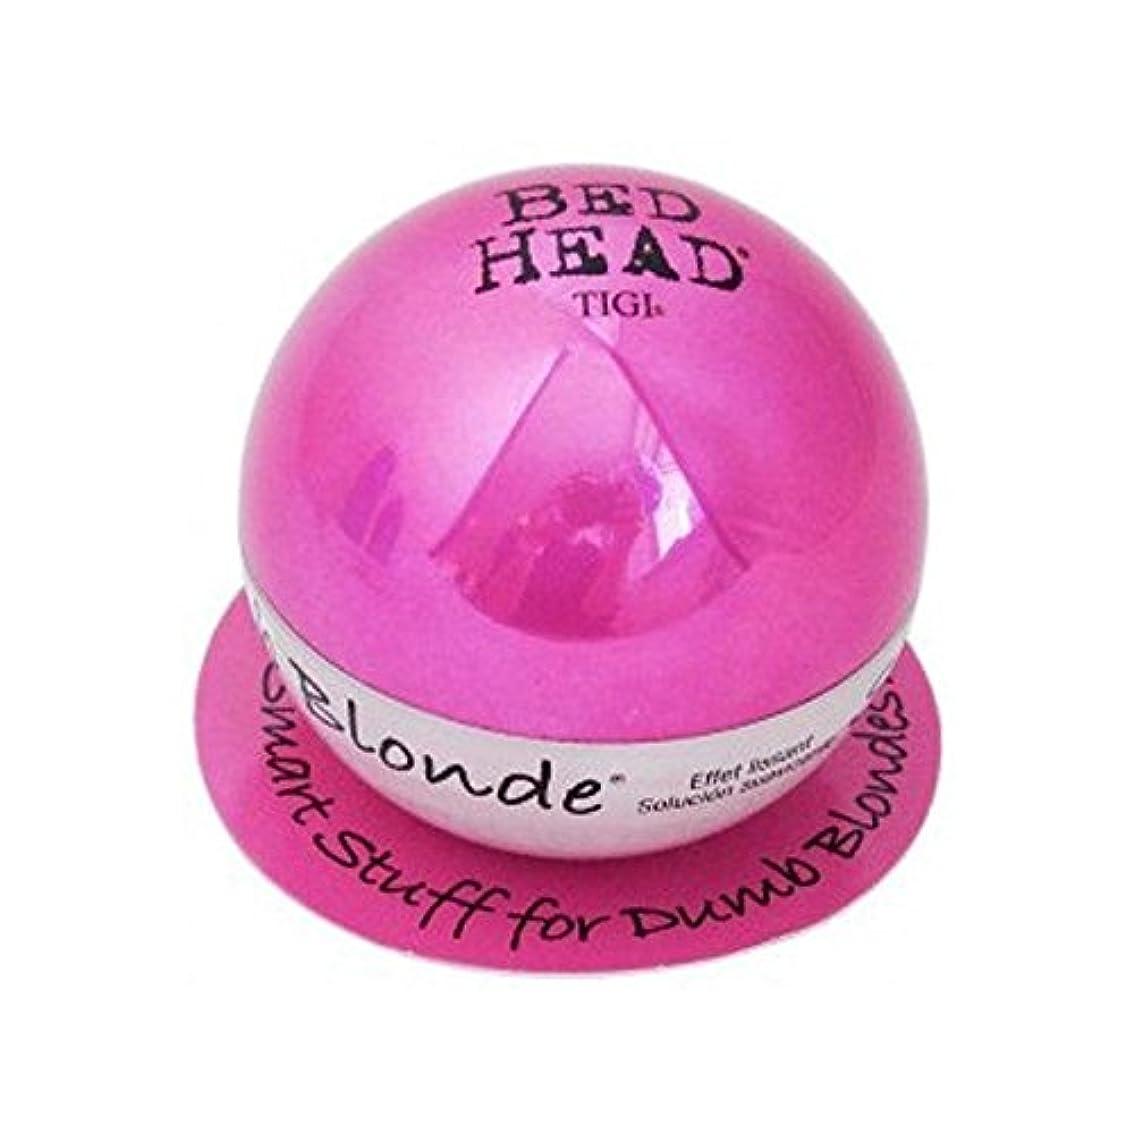 最大珍味宴会ティジーベッドヘッドダムブロンドスムージングスタッフ(42グラム) x4 - Tigi Bed Head Dumb Blonde Smoothing Stuff (42G) (Pack of 4) [並行輸入品]